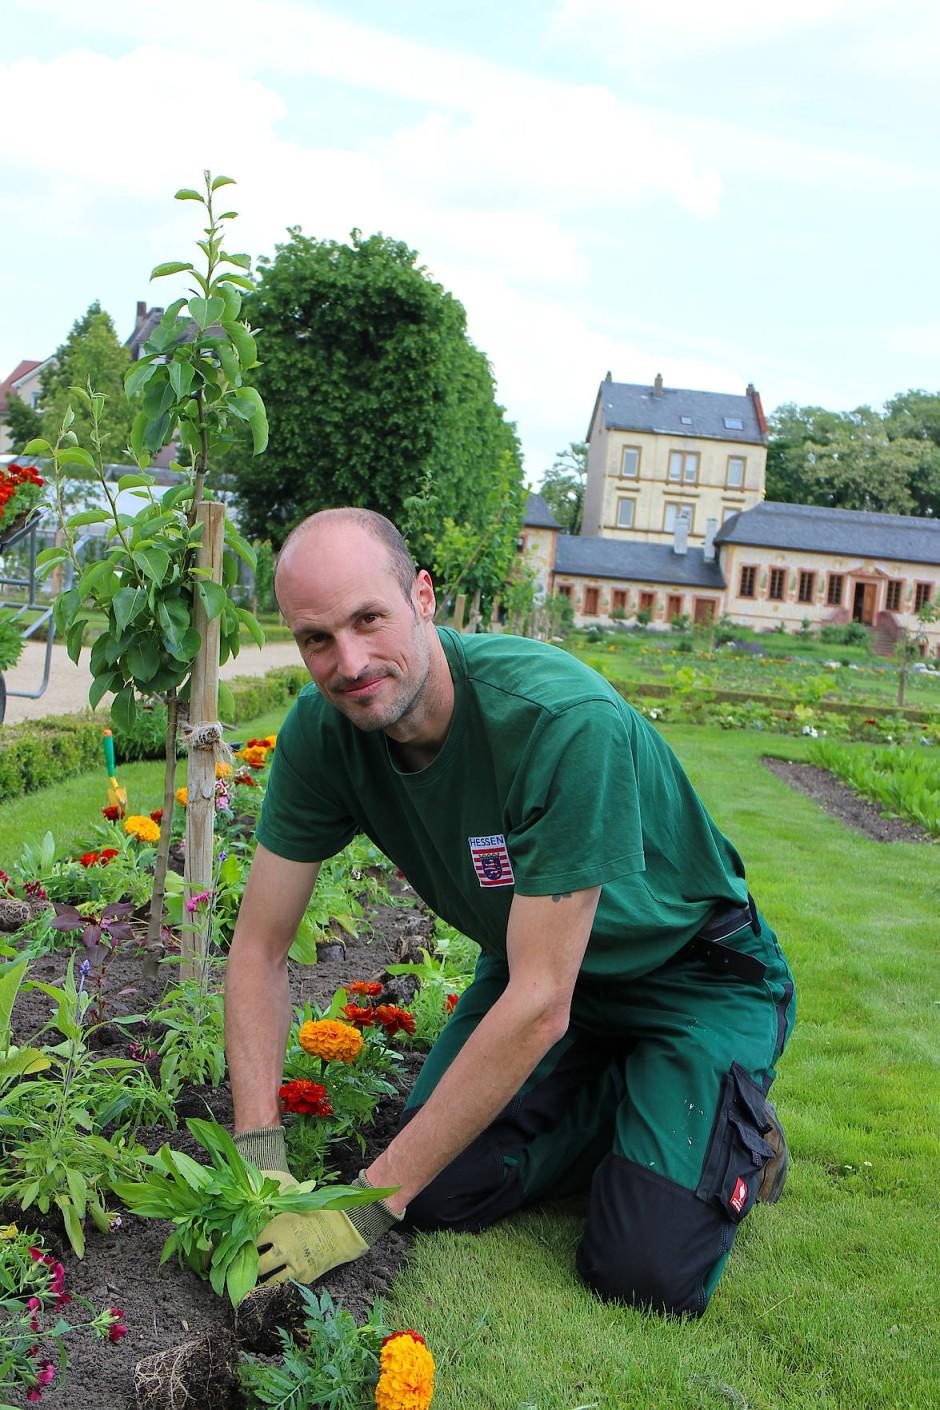 Gartenmeister Andreas Witzel hat den Wandel der historischen Anlage miterlebt und mitgestaltet.